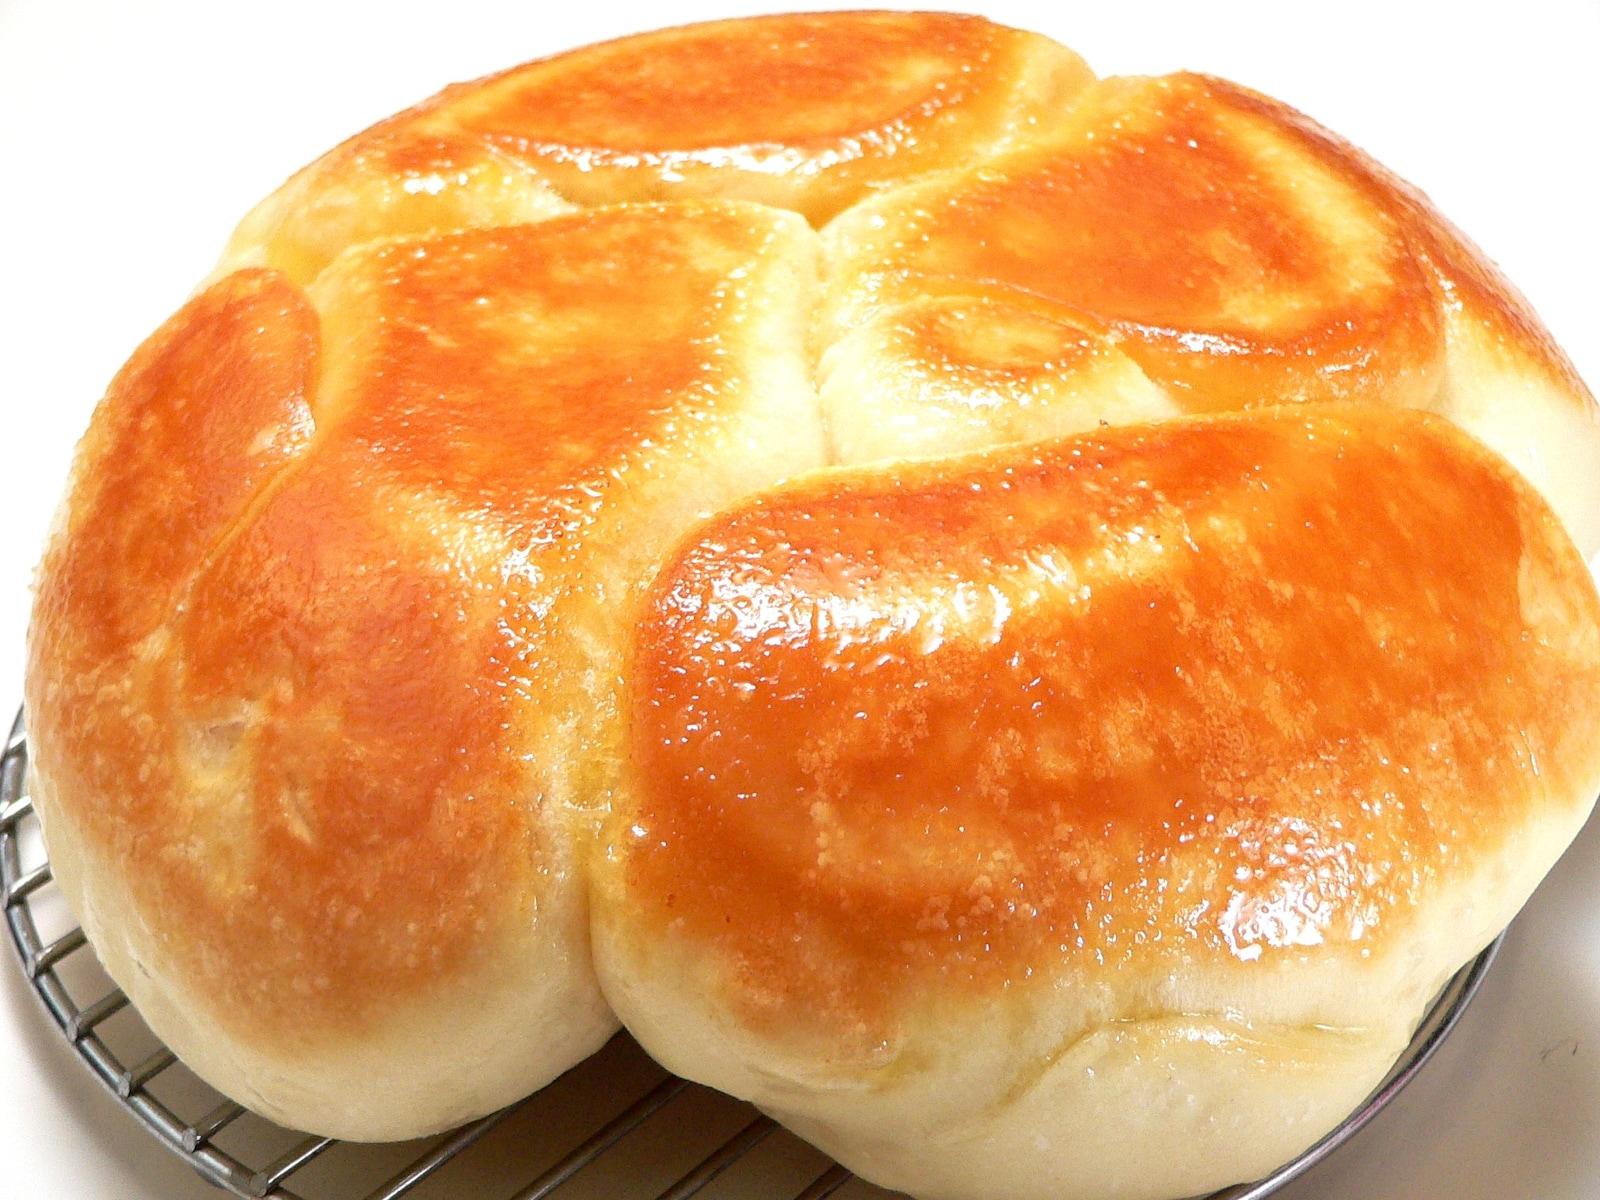 【毎日のお助けレシピ】炊飯器で作る、香ばしくてふわふわの塩パン